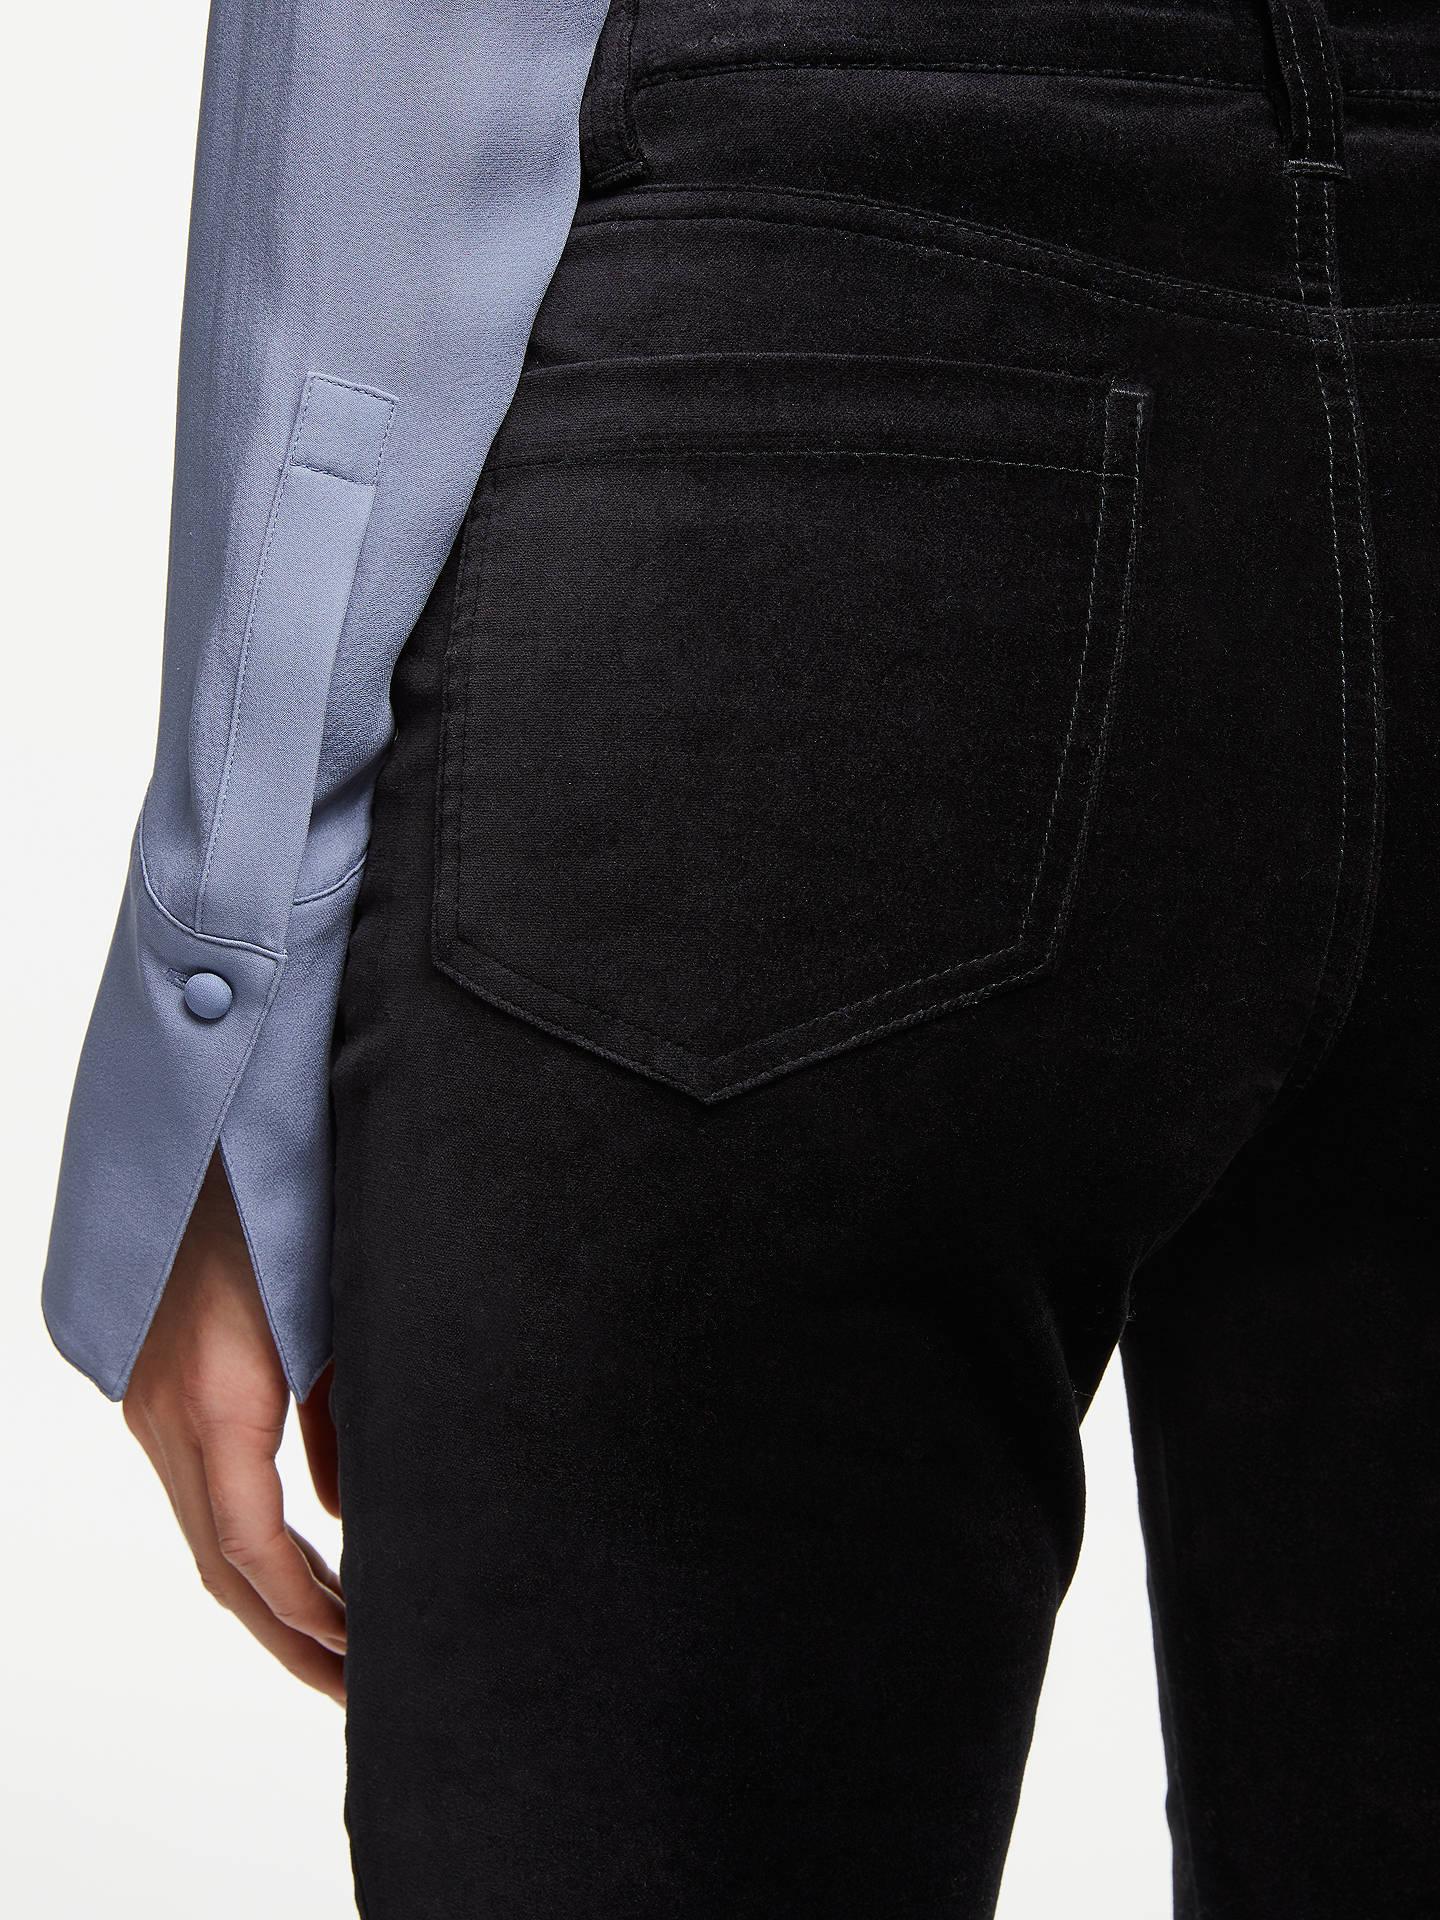 2bba7e93 John Lewis & Partners Velvet Skinny Jeans at John Lewis & Partners